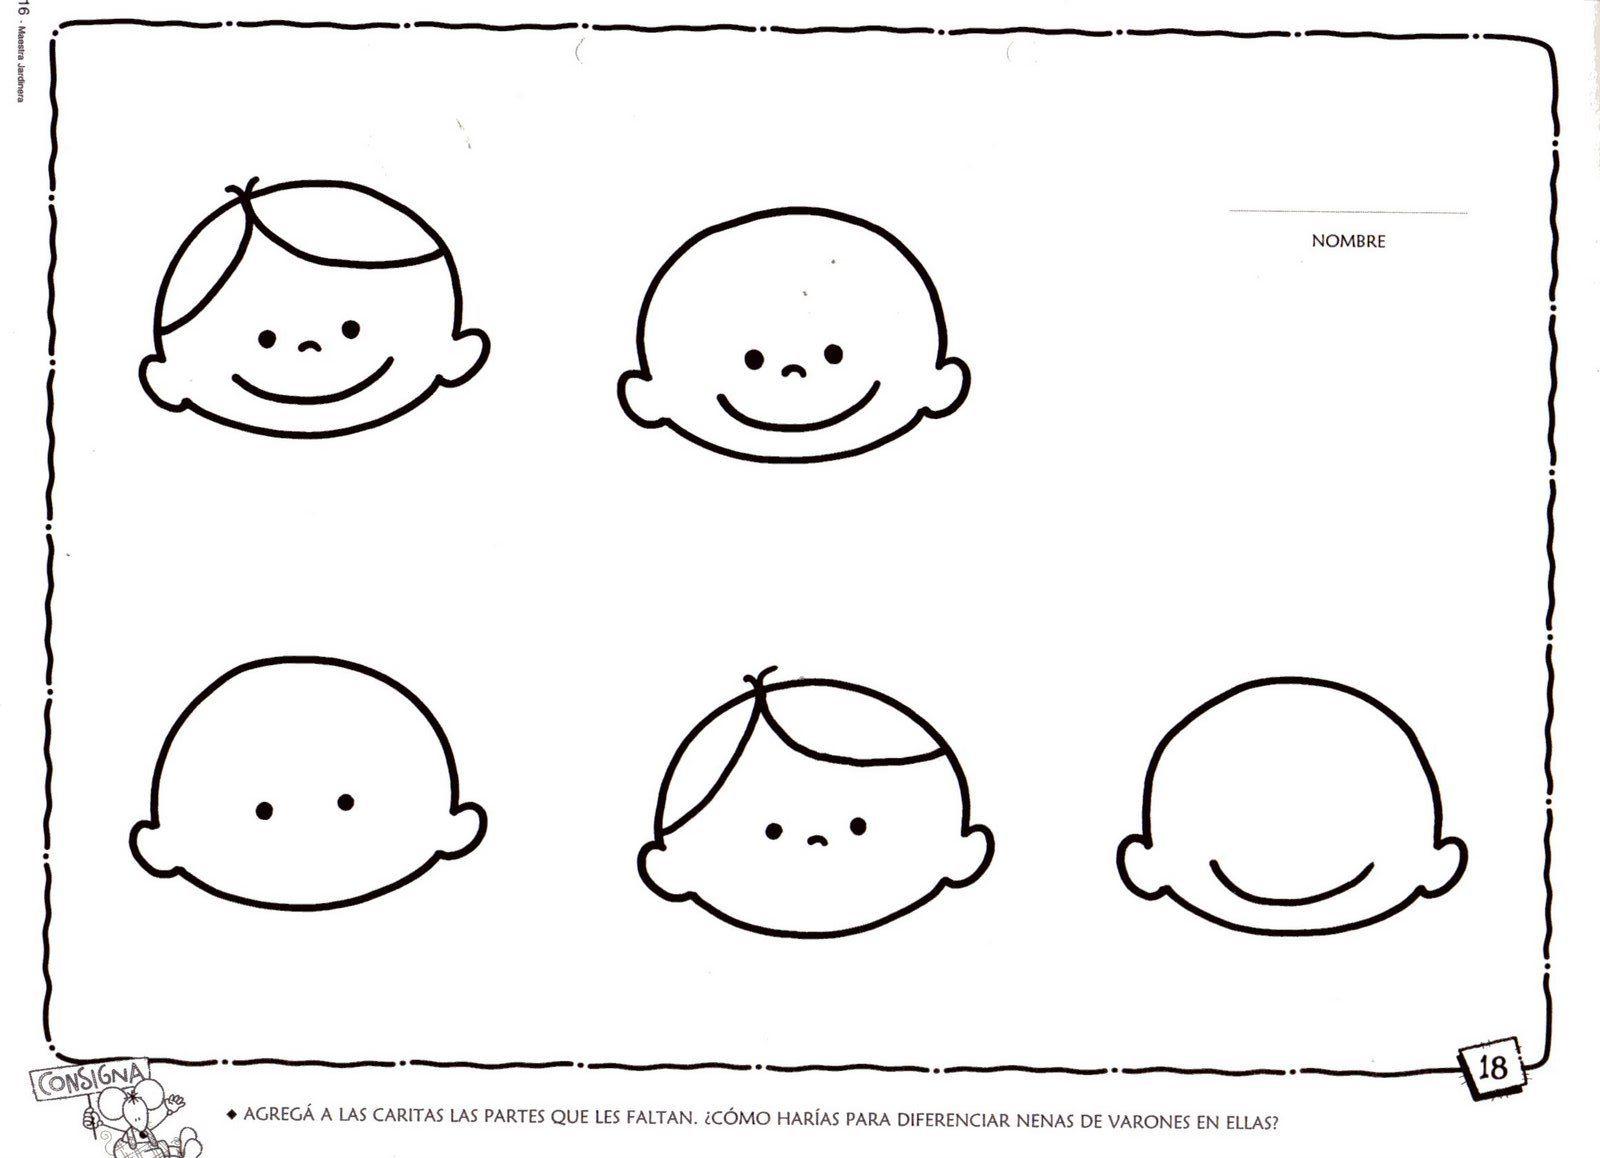 Dibujos De Aplicacio De Partes De La Cara: RECURSOS PARA EDUCACIÓN INFANTIL